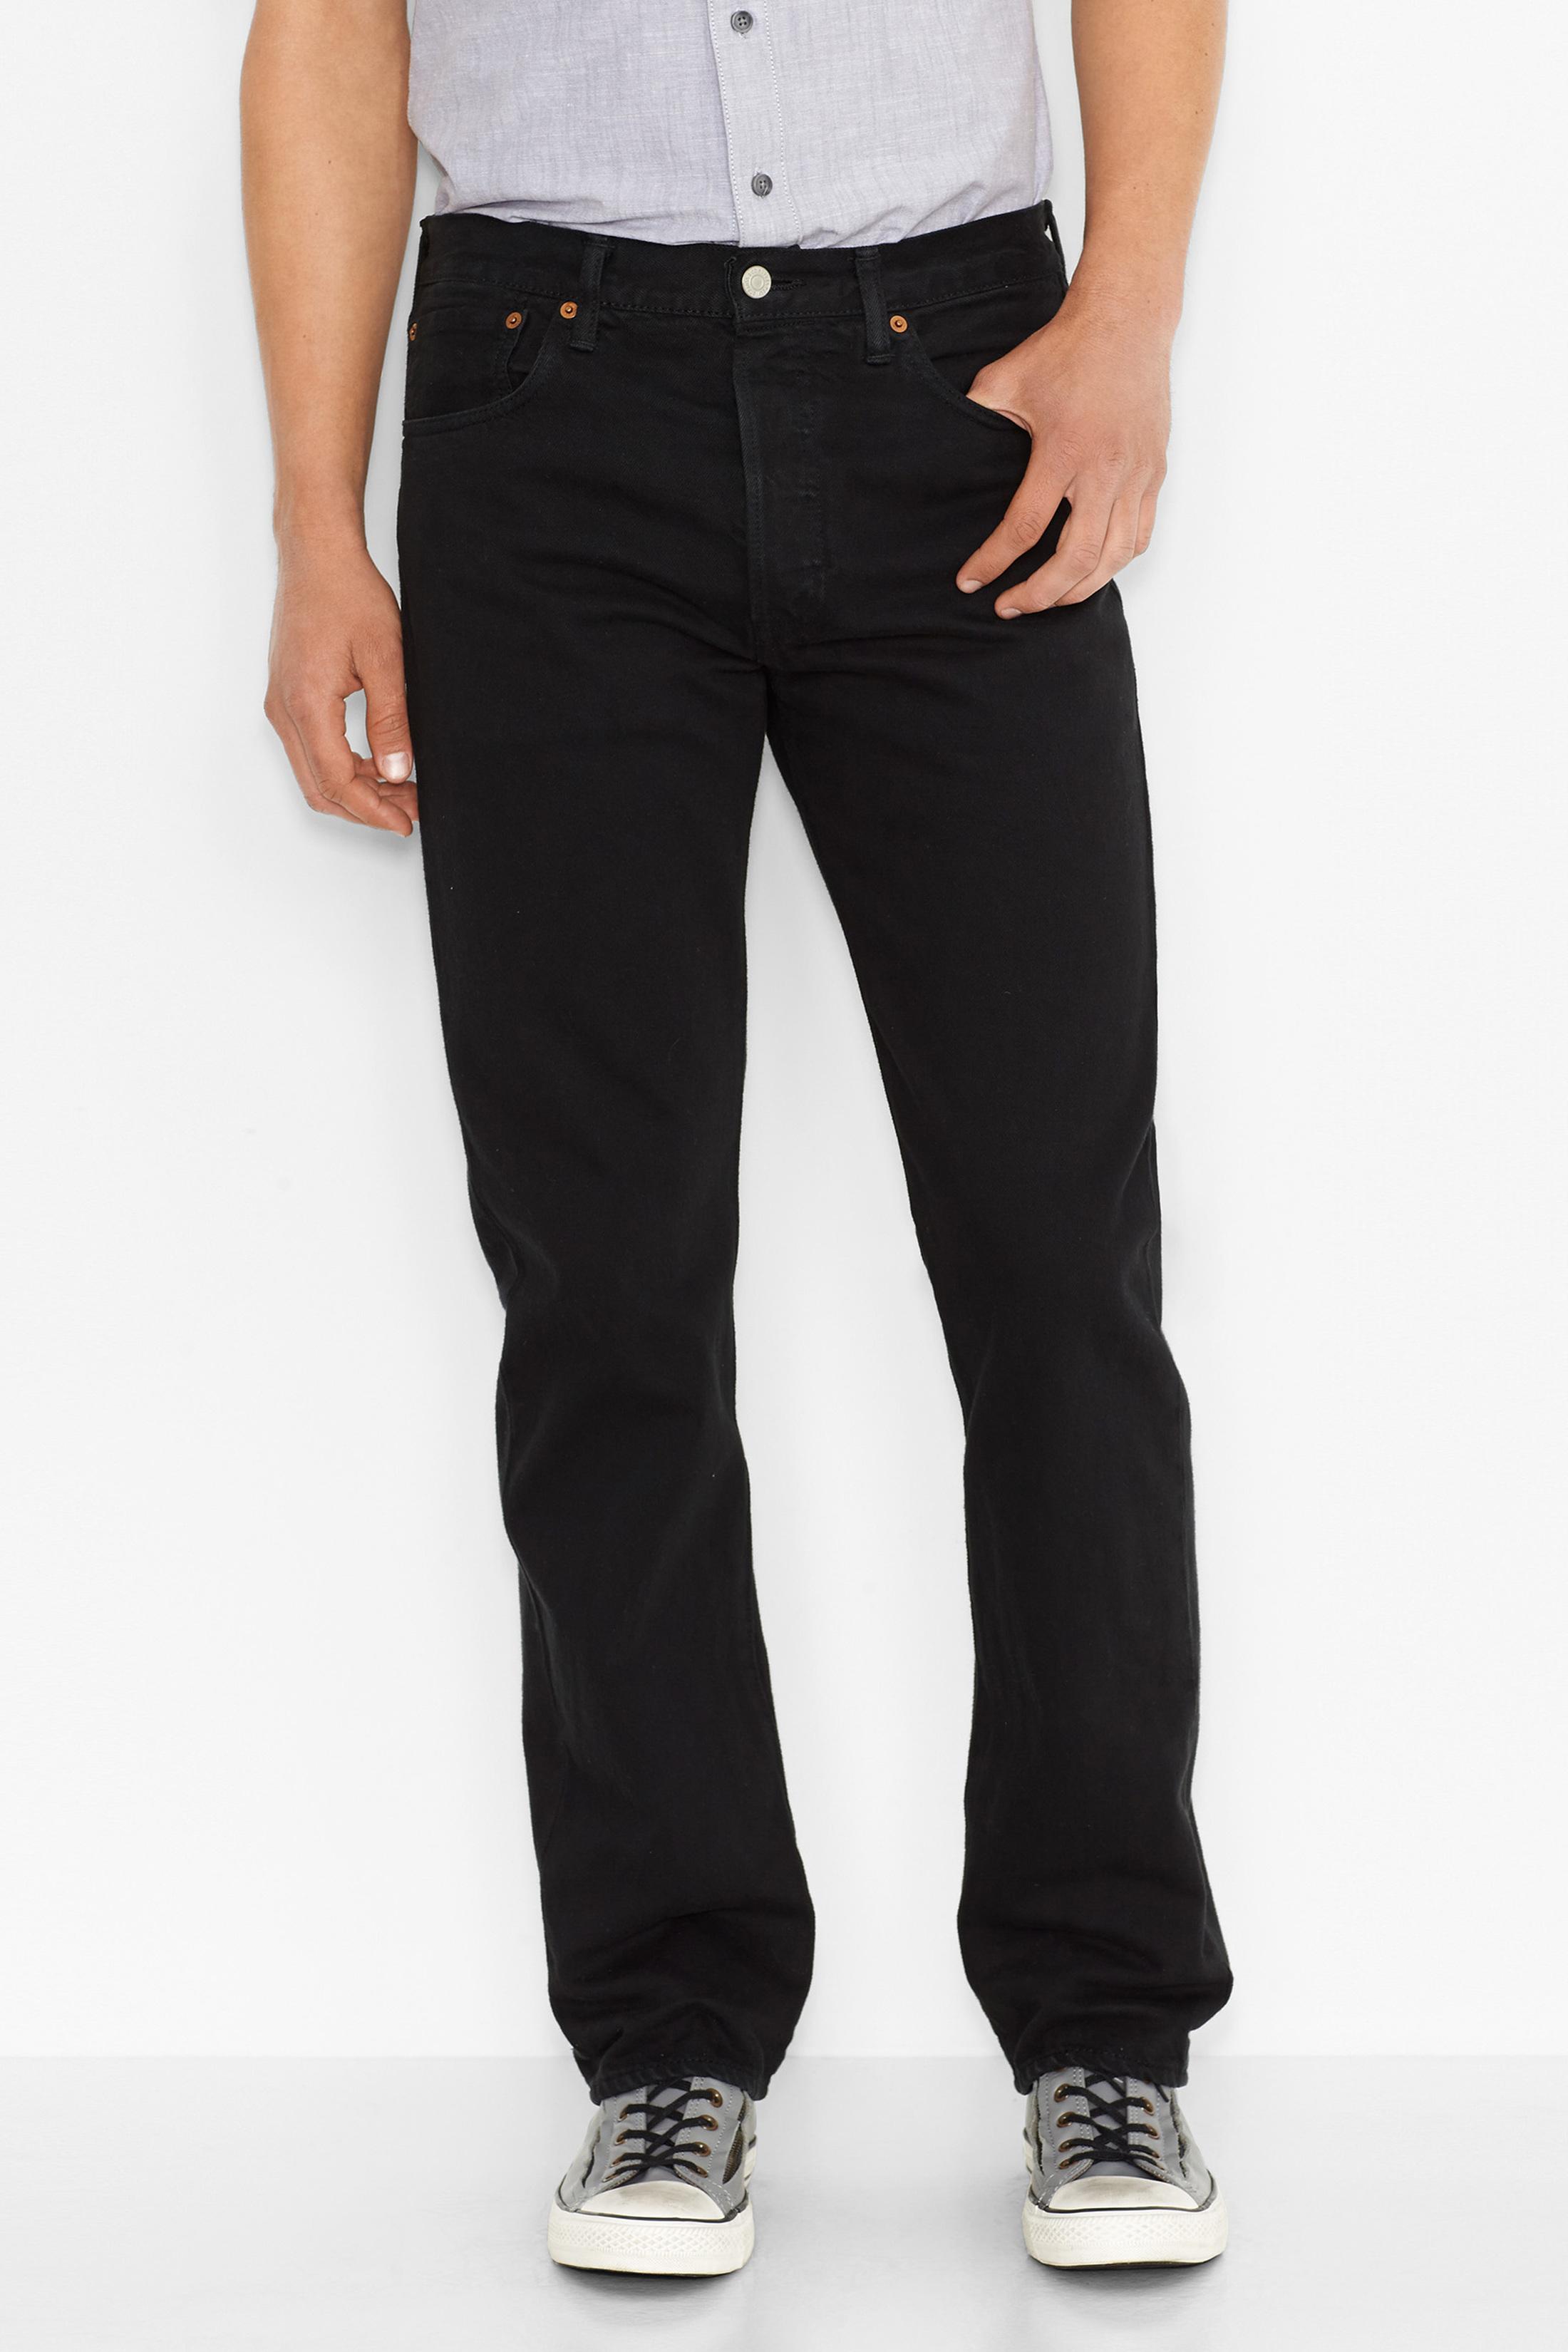 Levi's 501 Jeans Original Fit Black 0165 foto 5